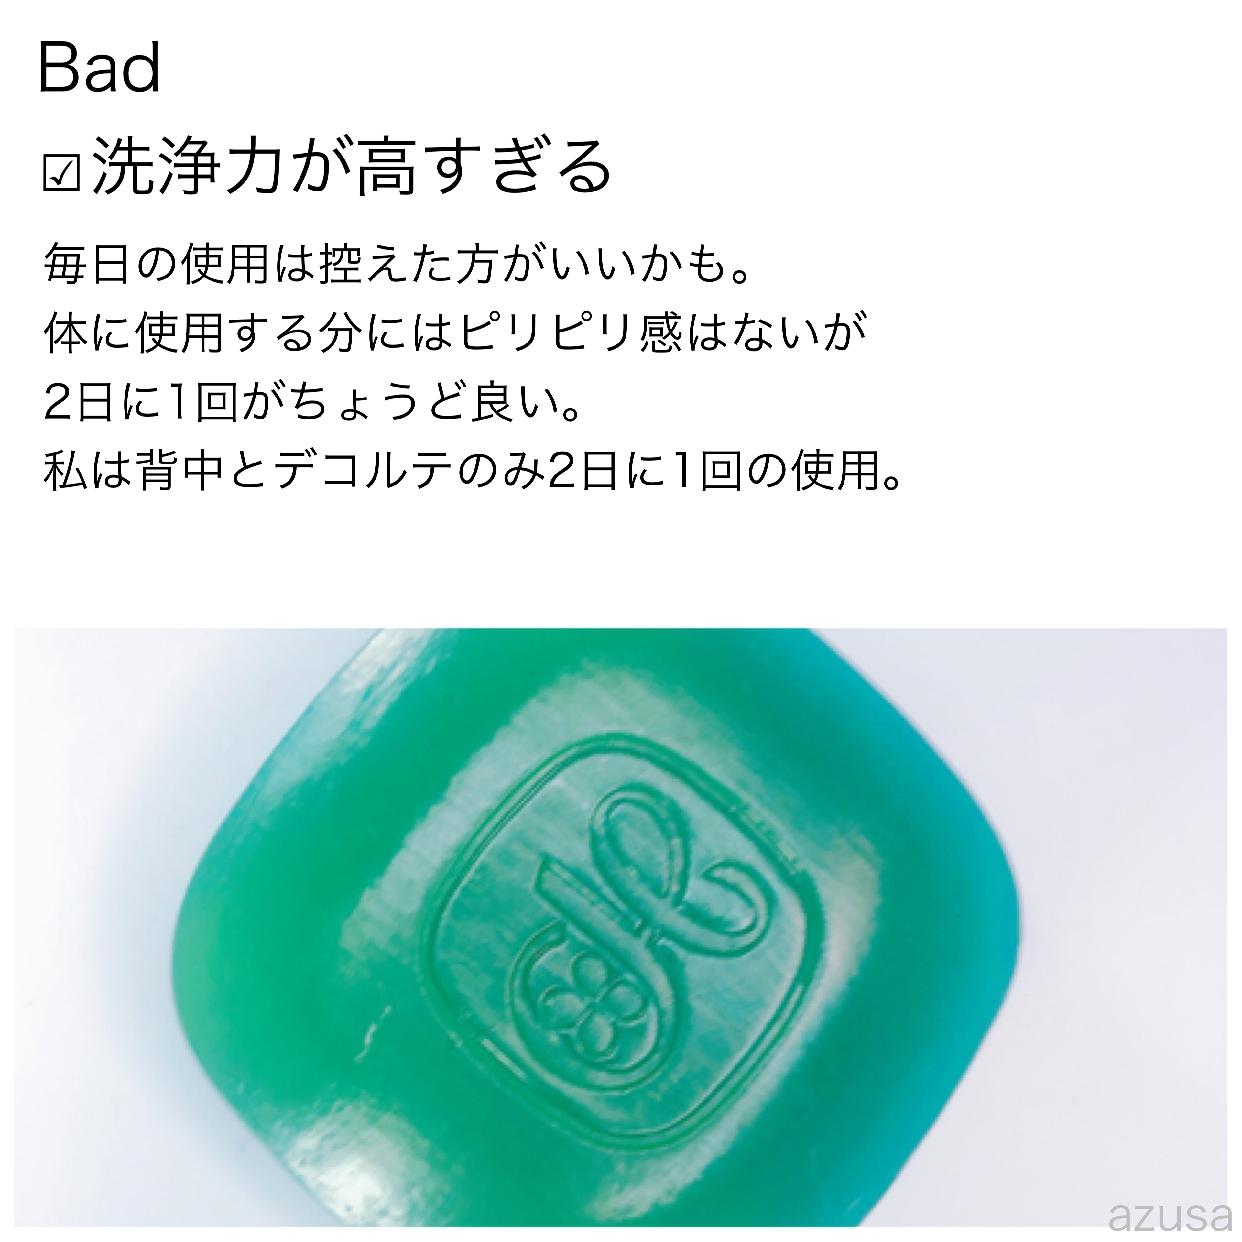 黒龍堂 クロロフィル石鹸を使ったあずささんのクチコミ画像3